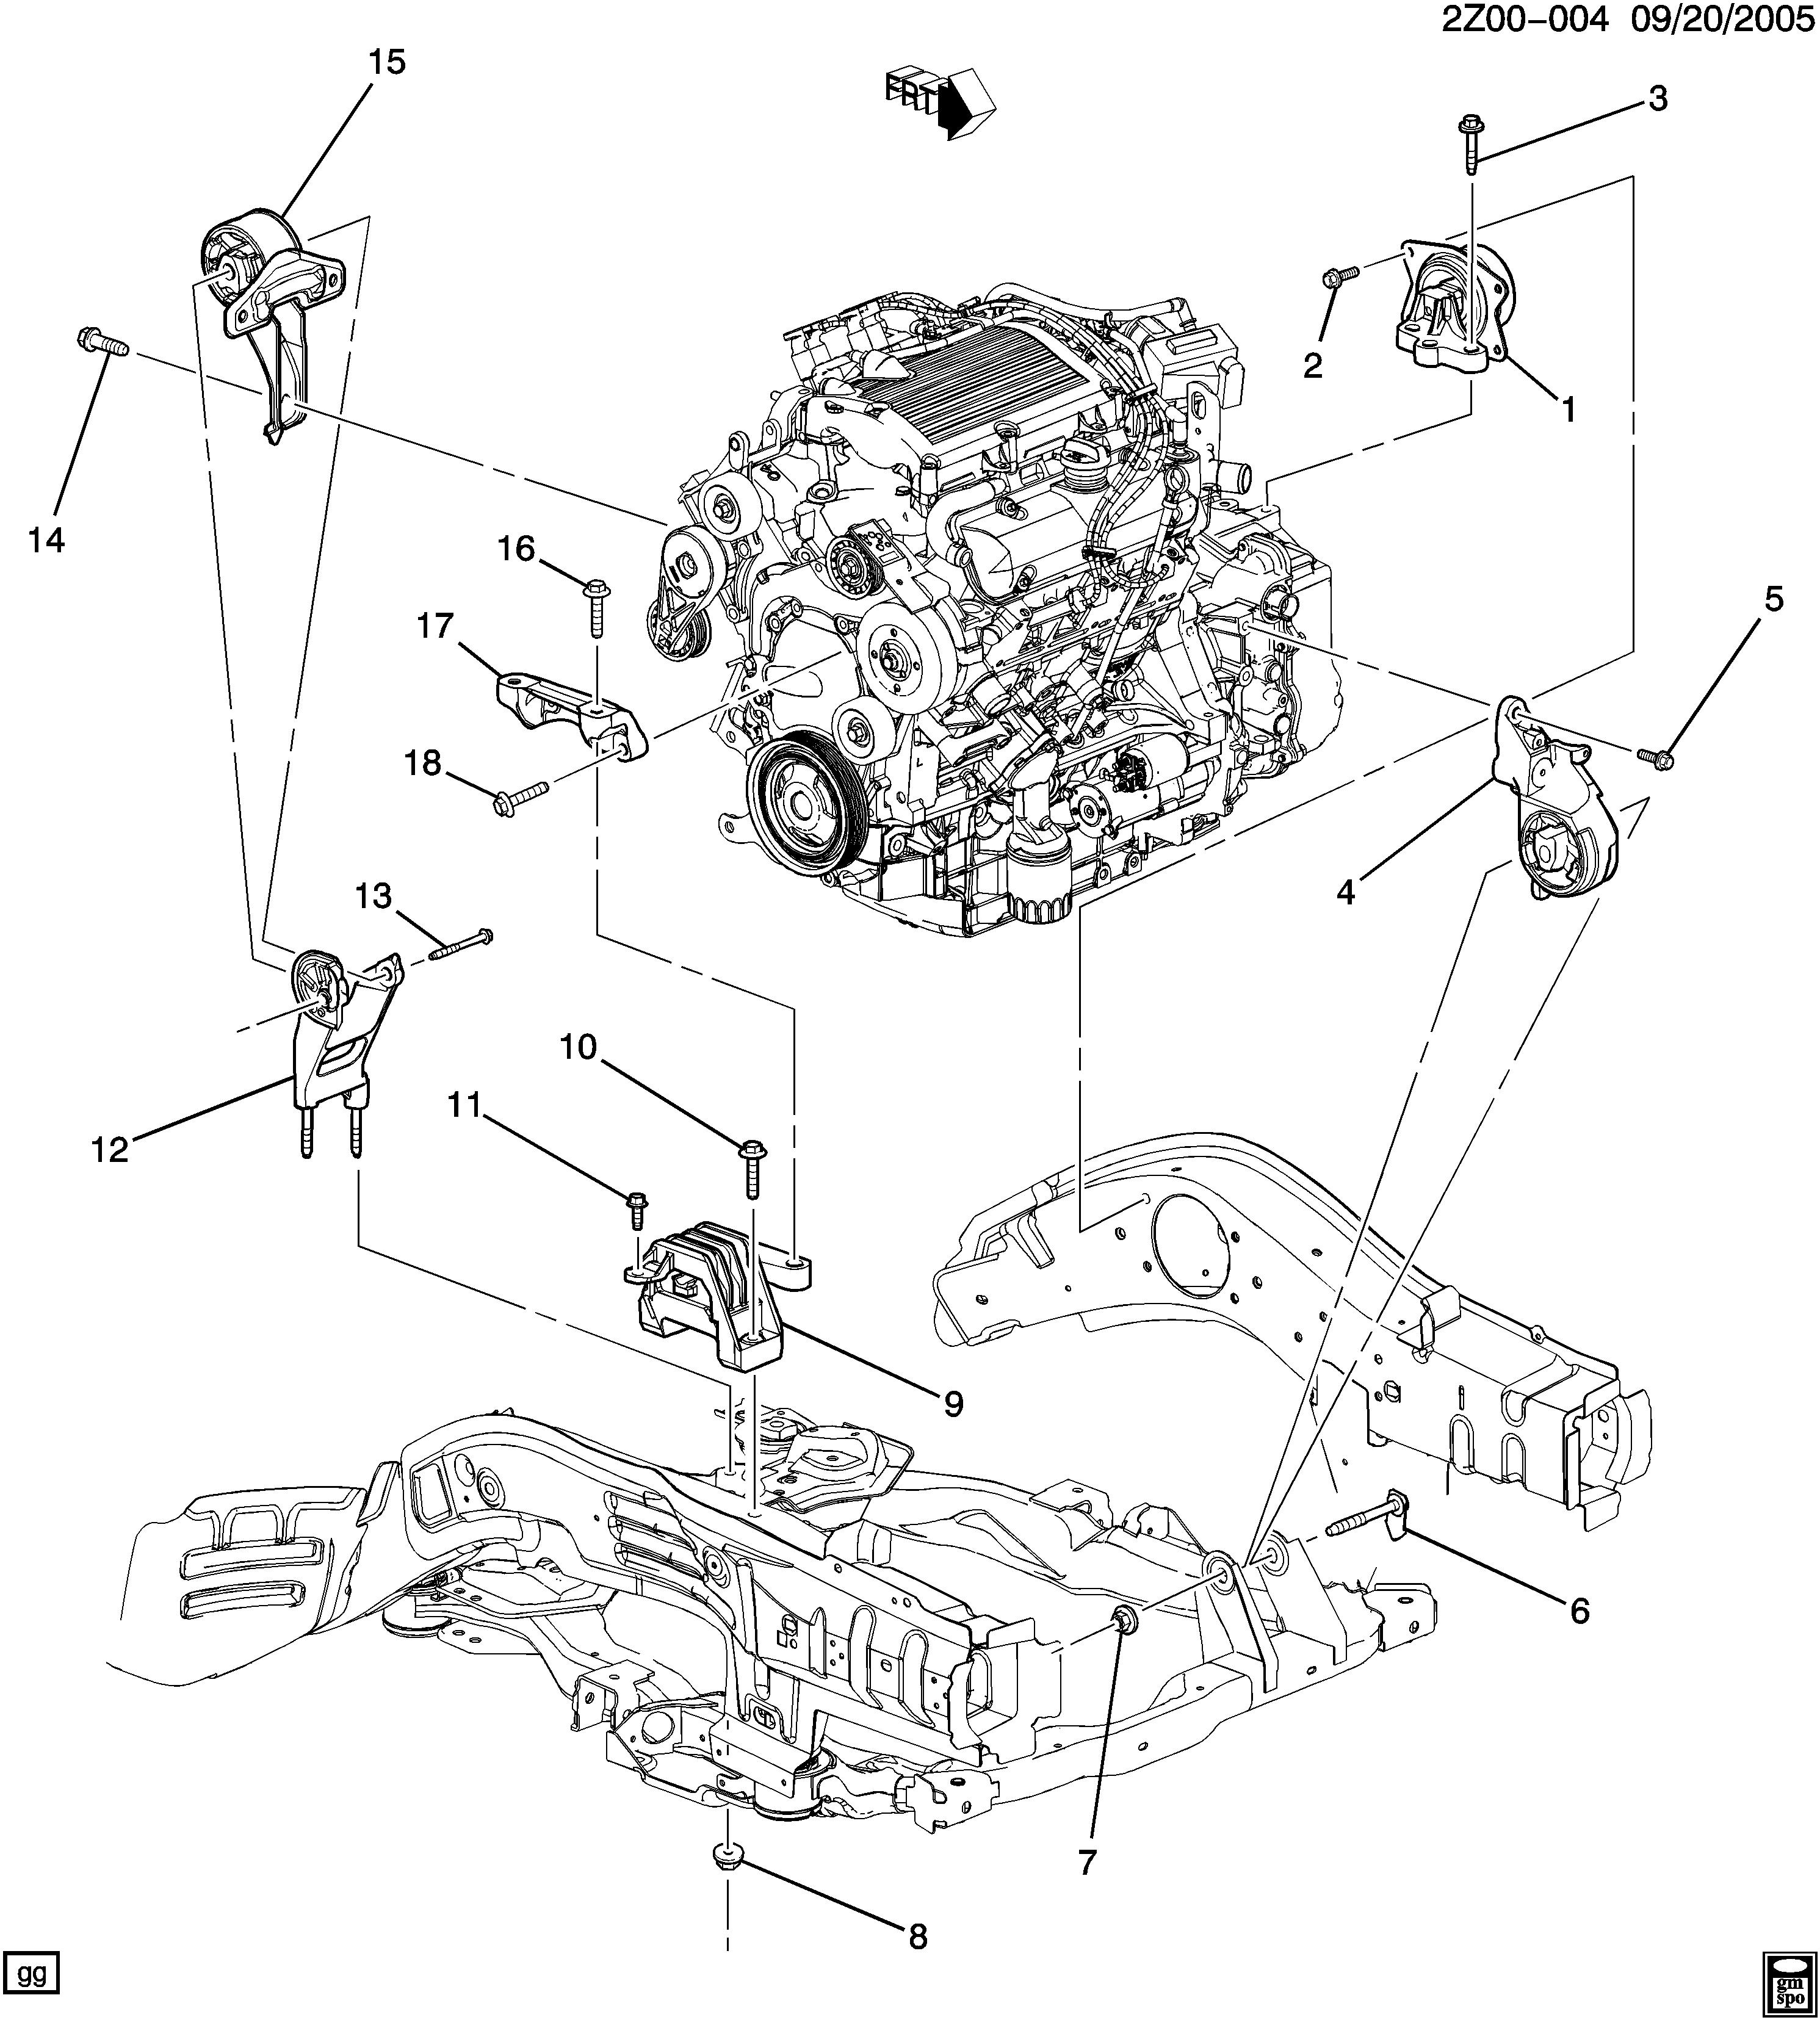 pontiac g6 - z67 montaje motor y transmisiÓn-v6 (lx9/3.5-8) > epc online >  nemiga.com  nemigaparts.com